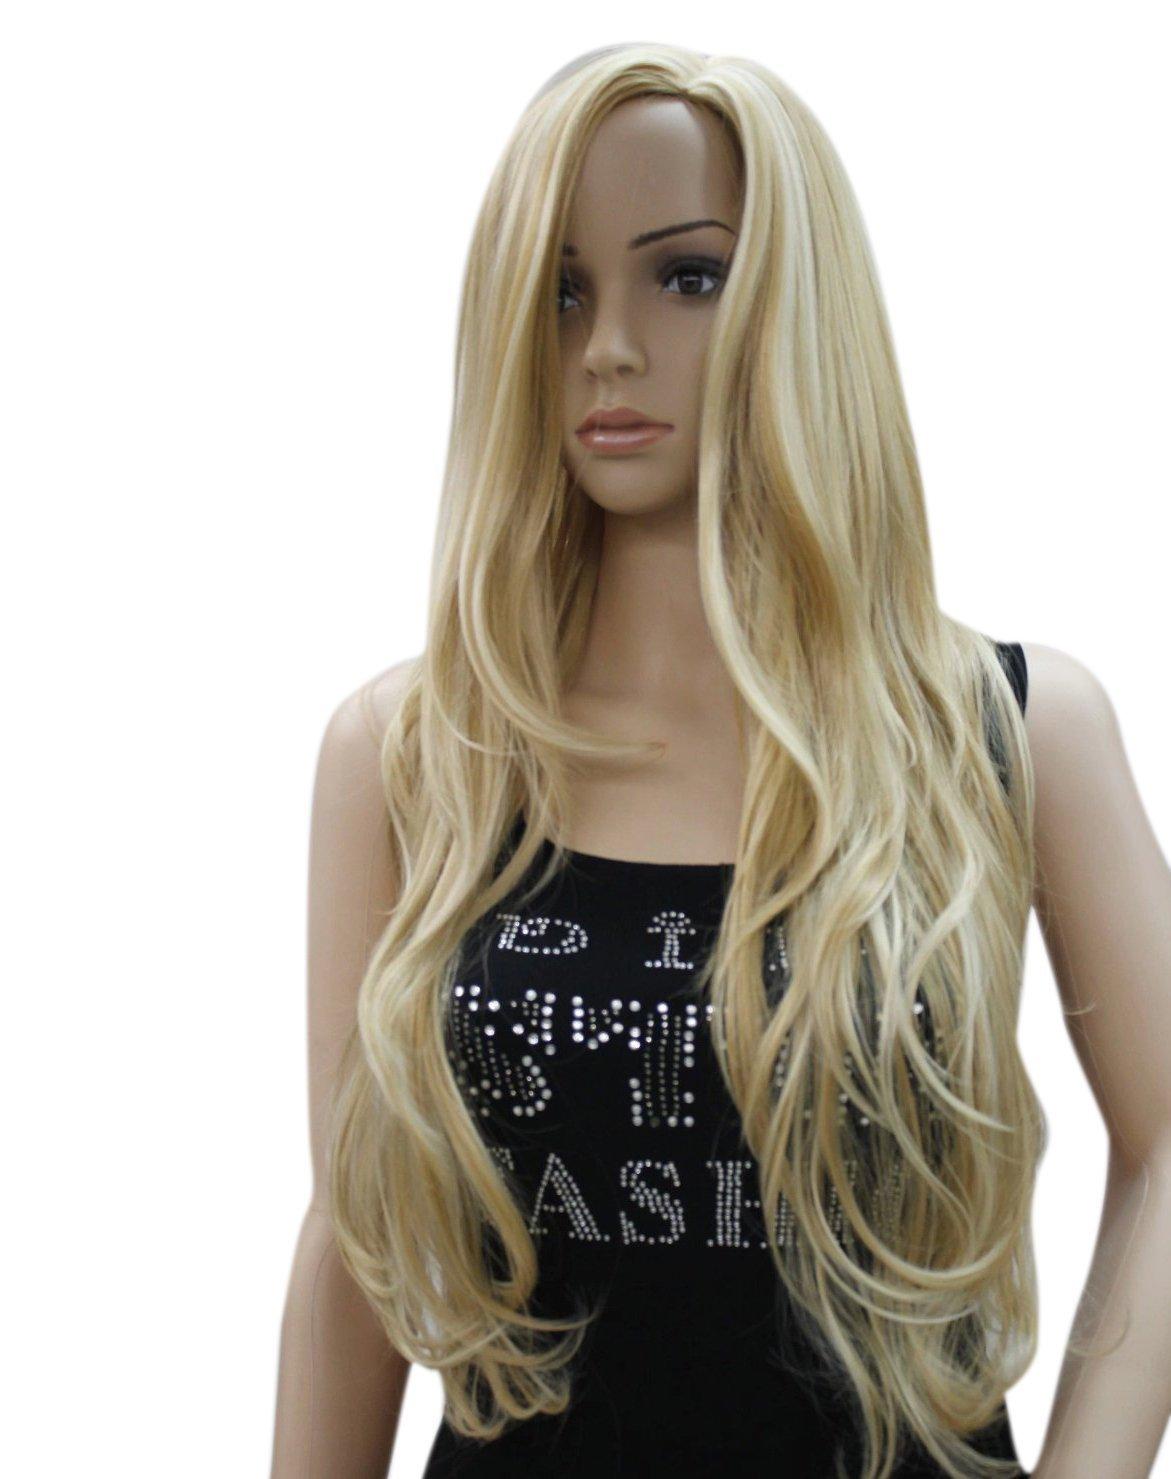 Kalyss Long Curly Wavy Blonde Women's wigs cosplay Fashion wigs DKJF007